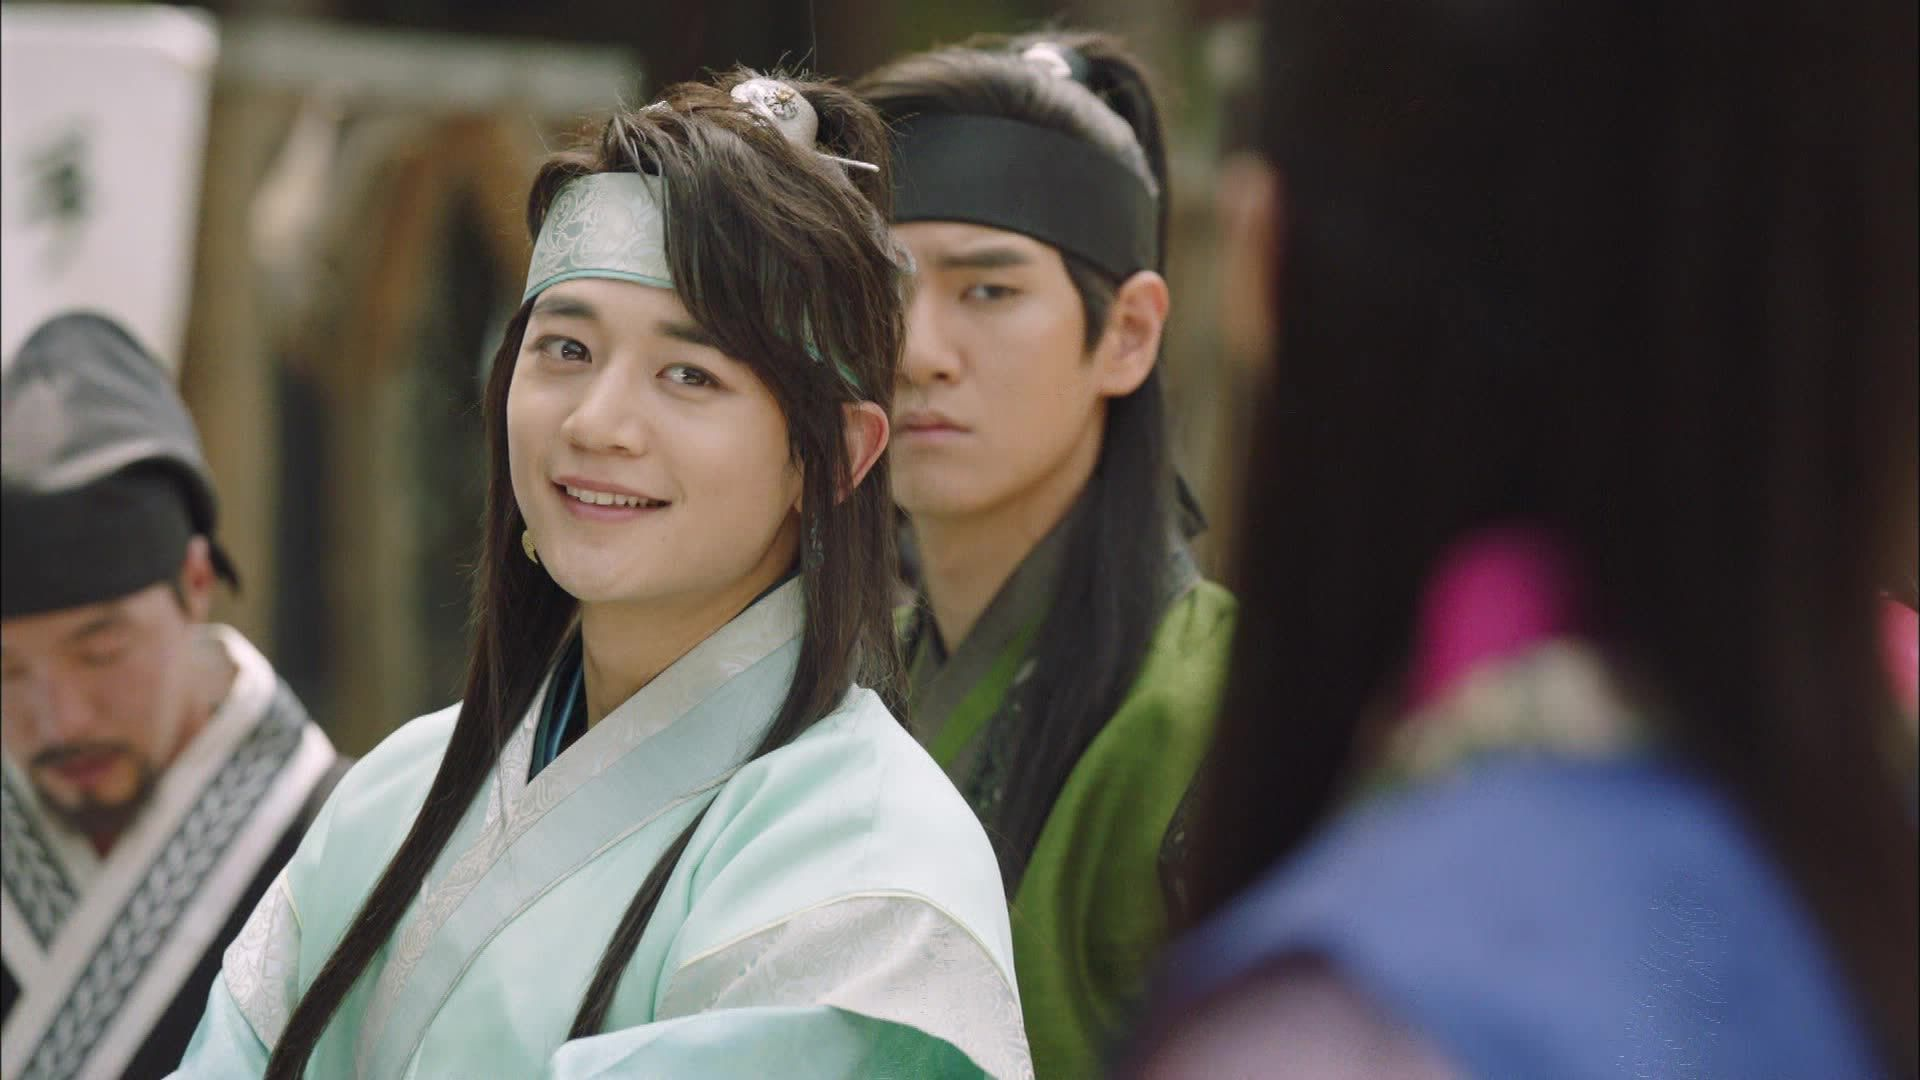 Hwarang Episode 1 - 화랑 - Watch Full Episodes Free - Korea